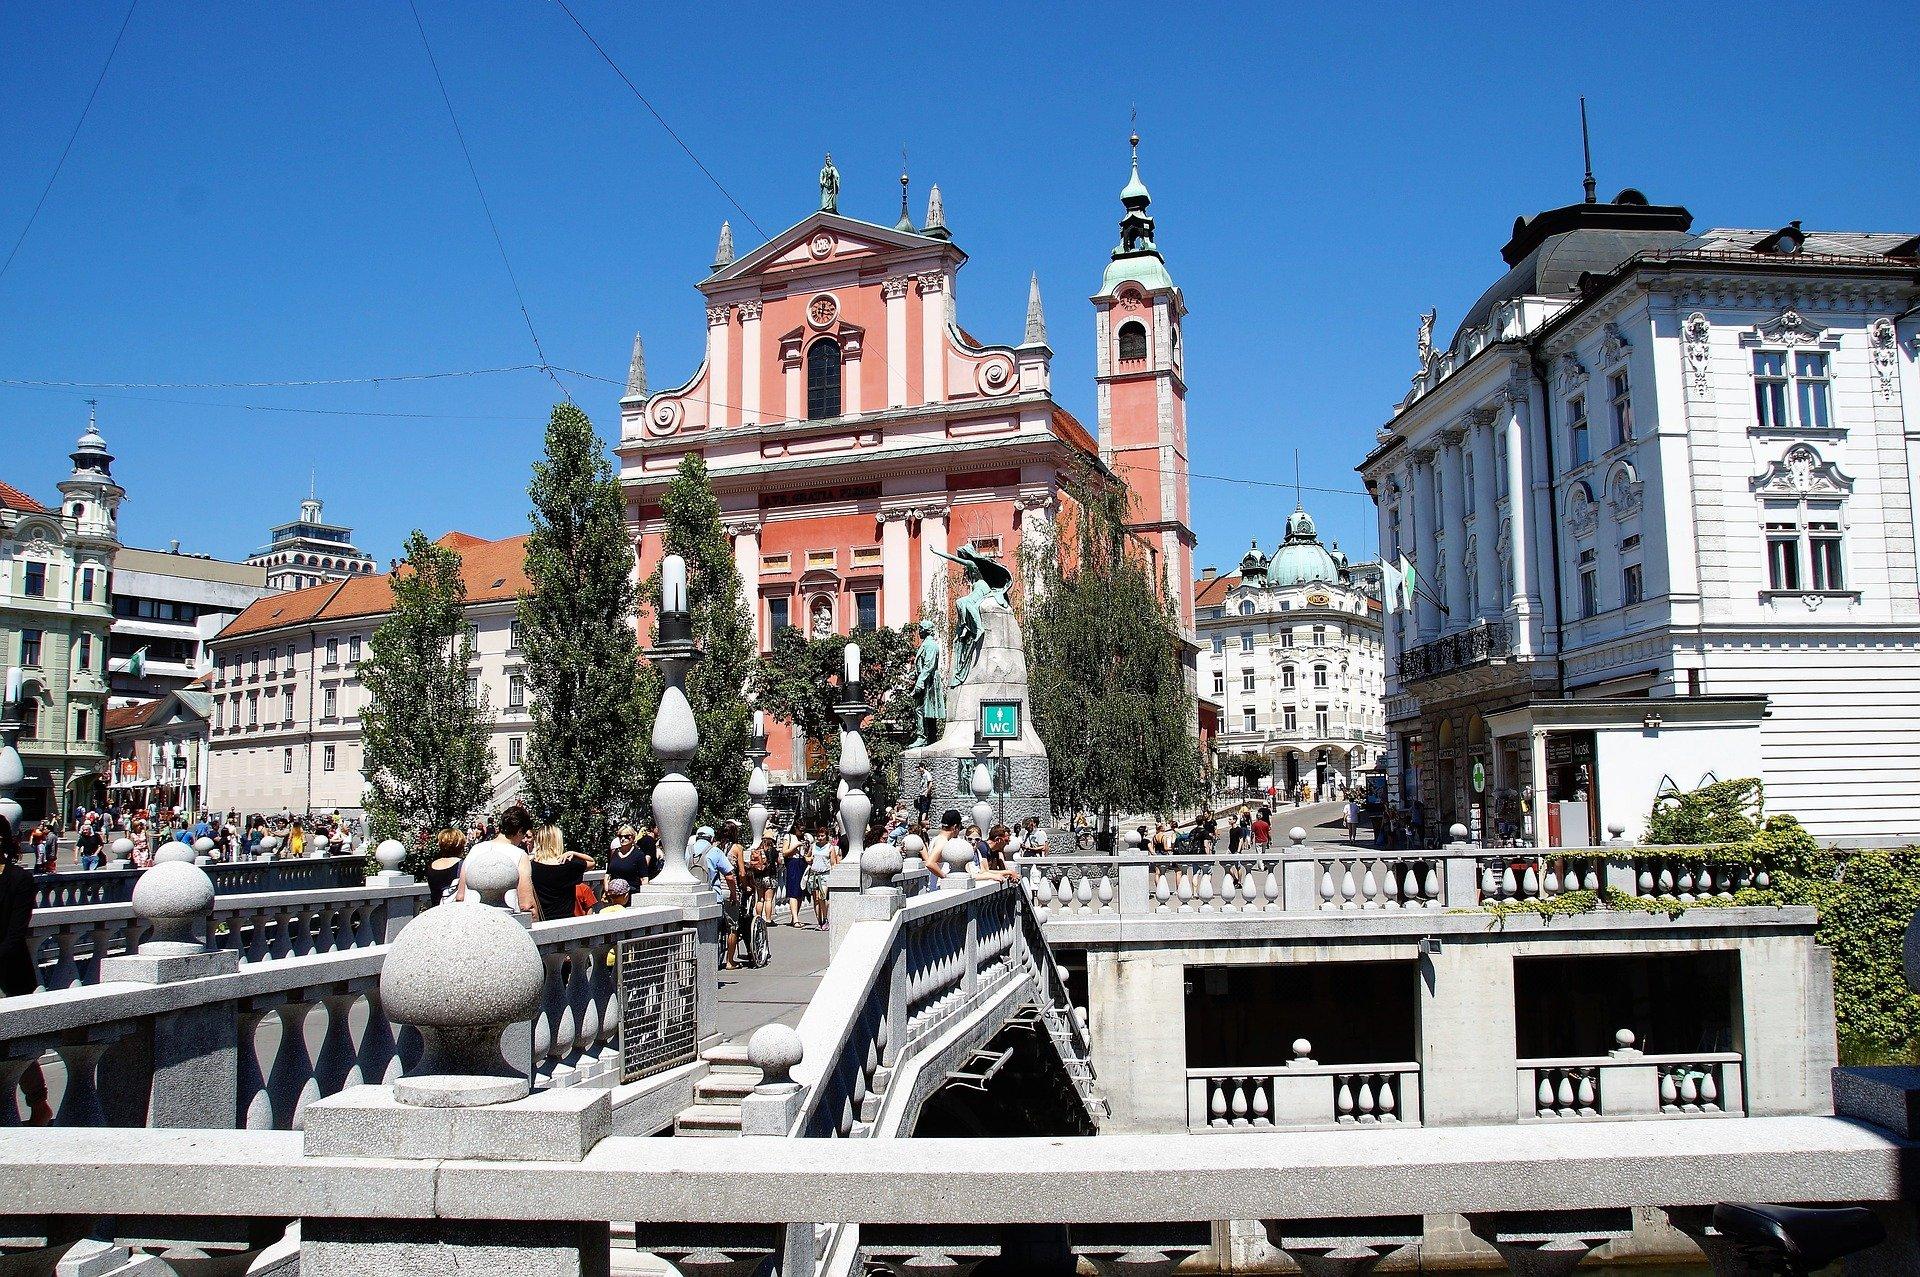 Radtour nach Slowenien und die Stadt Ljubljana erkunden